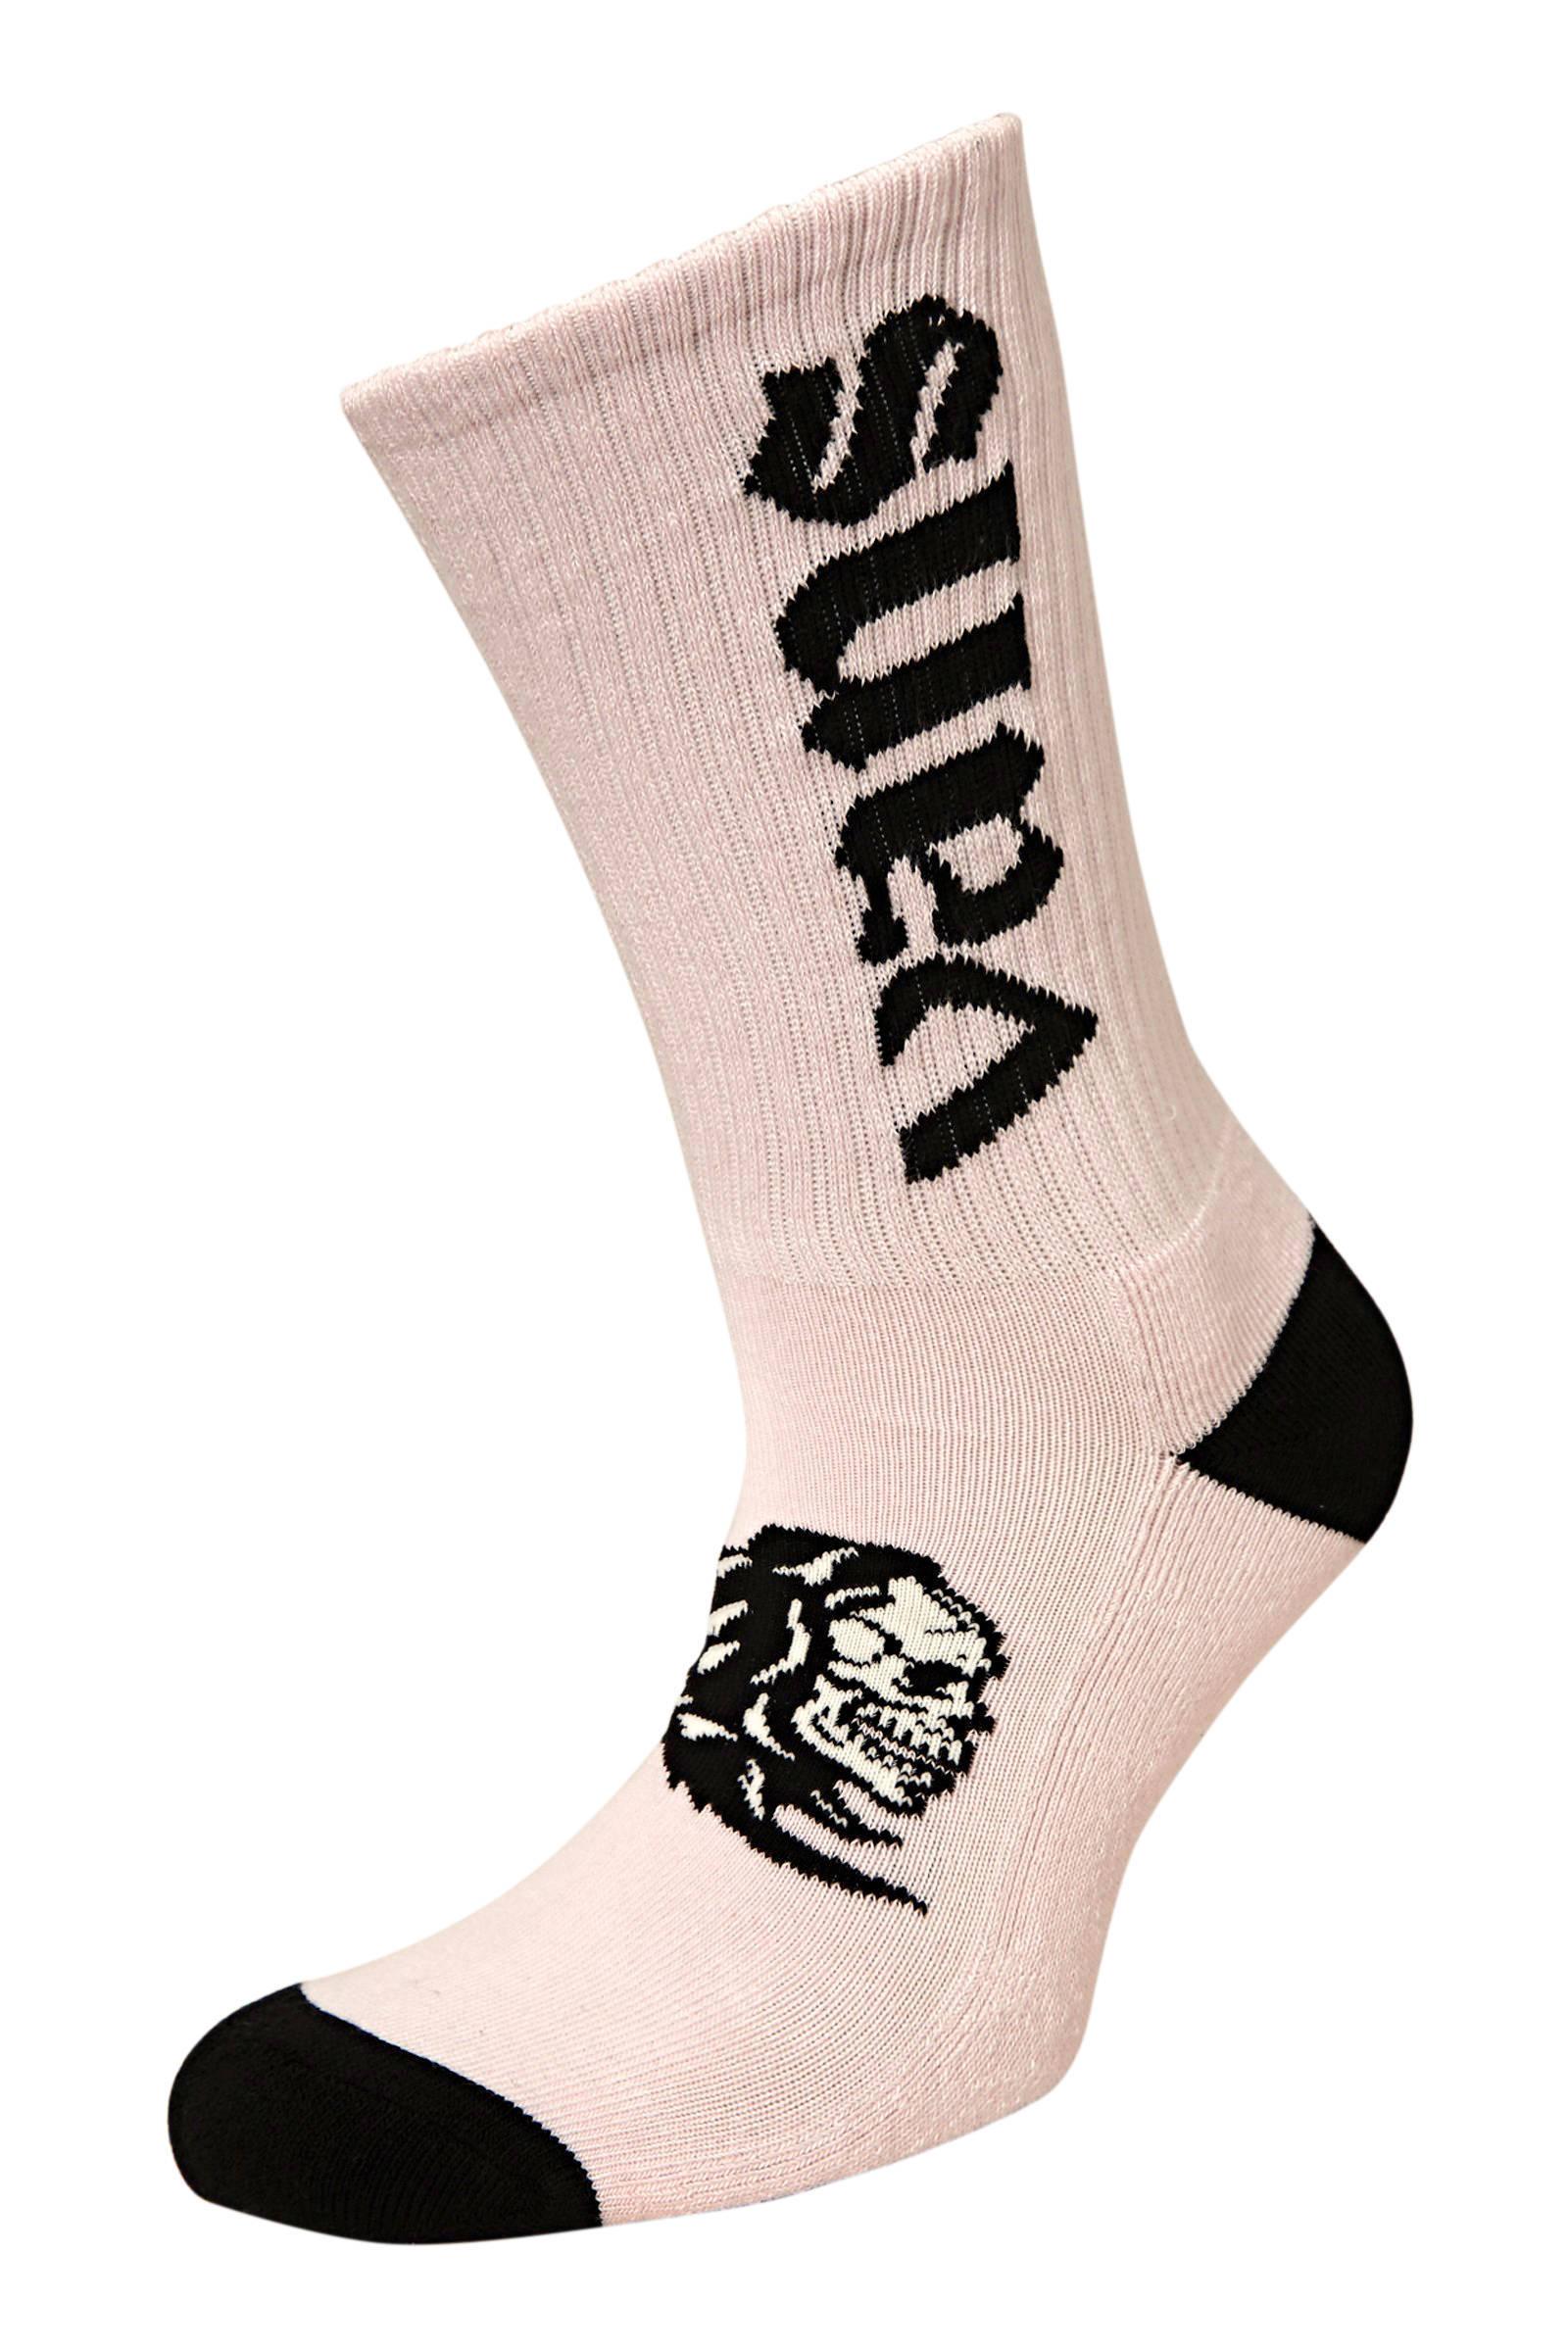 VANS heren sokken bij wehkamp - Gratis bezorging vanaf 20.-